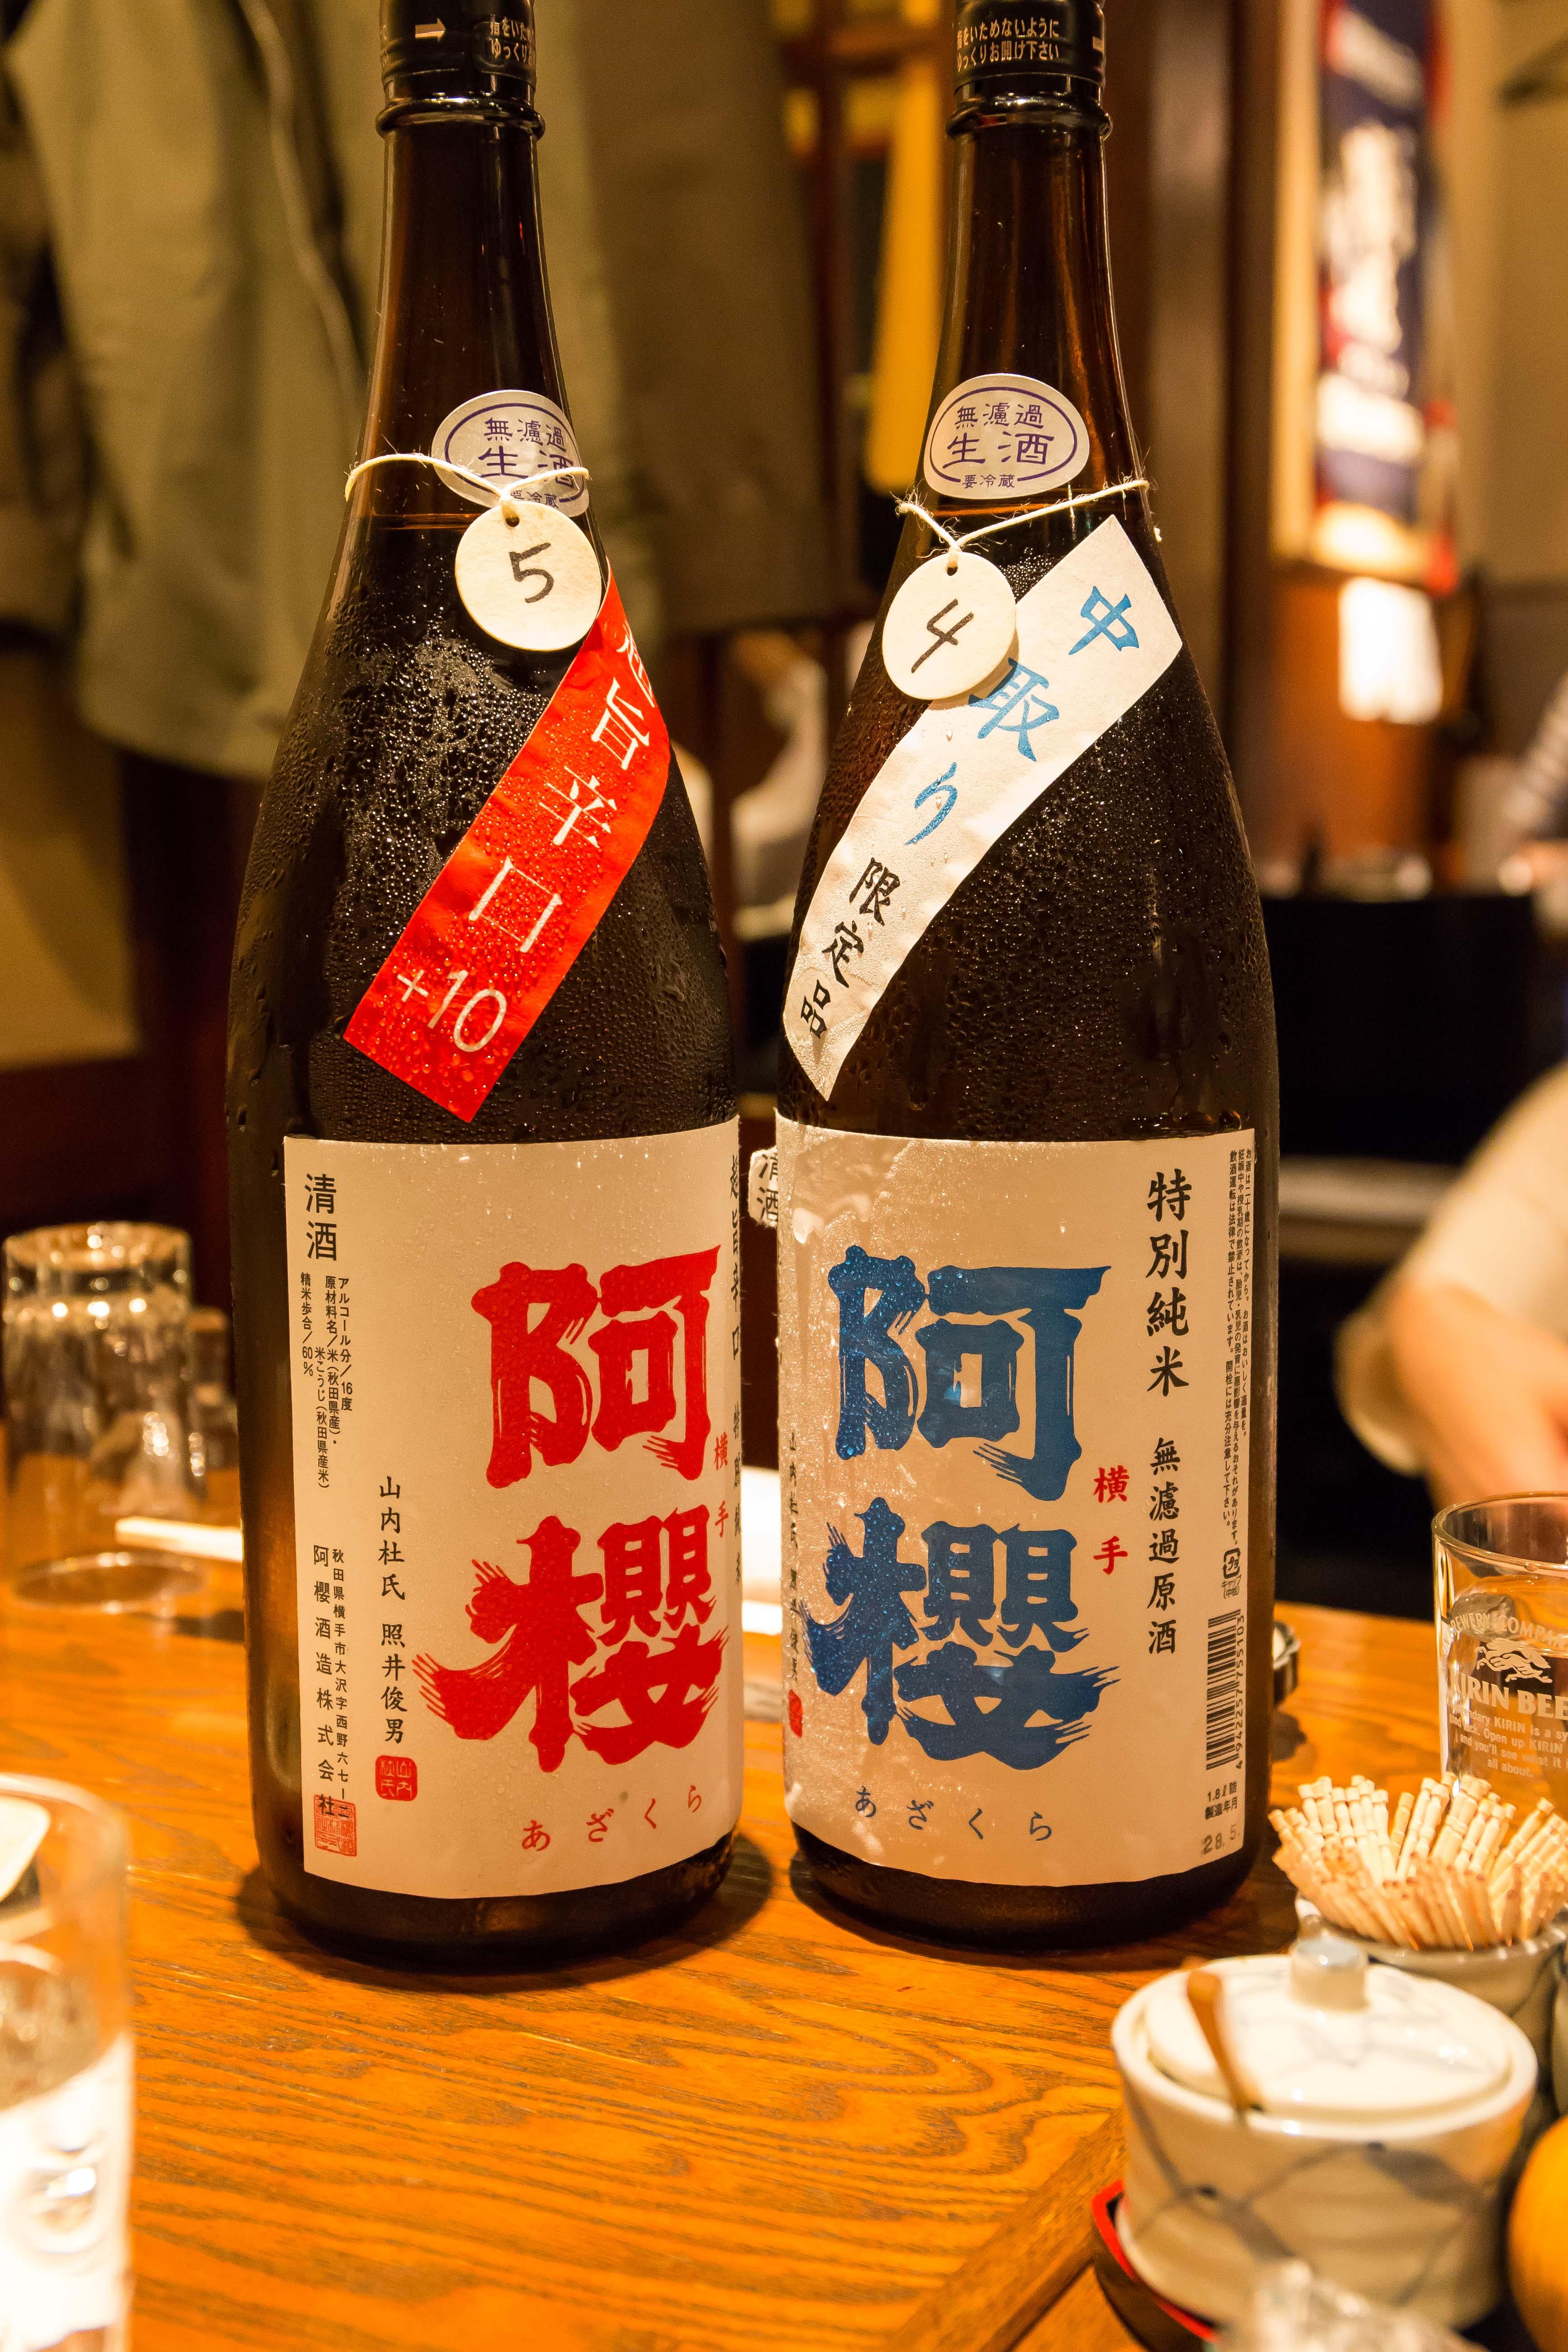 阿櫻を味わう会(4)